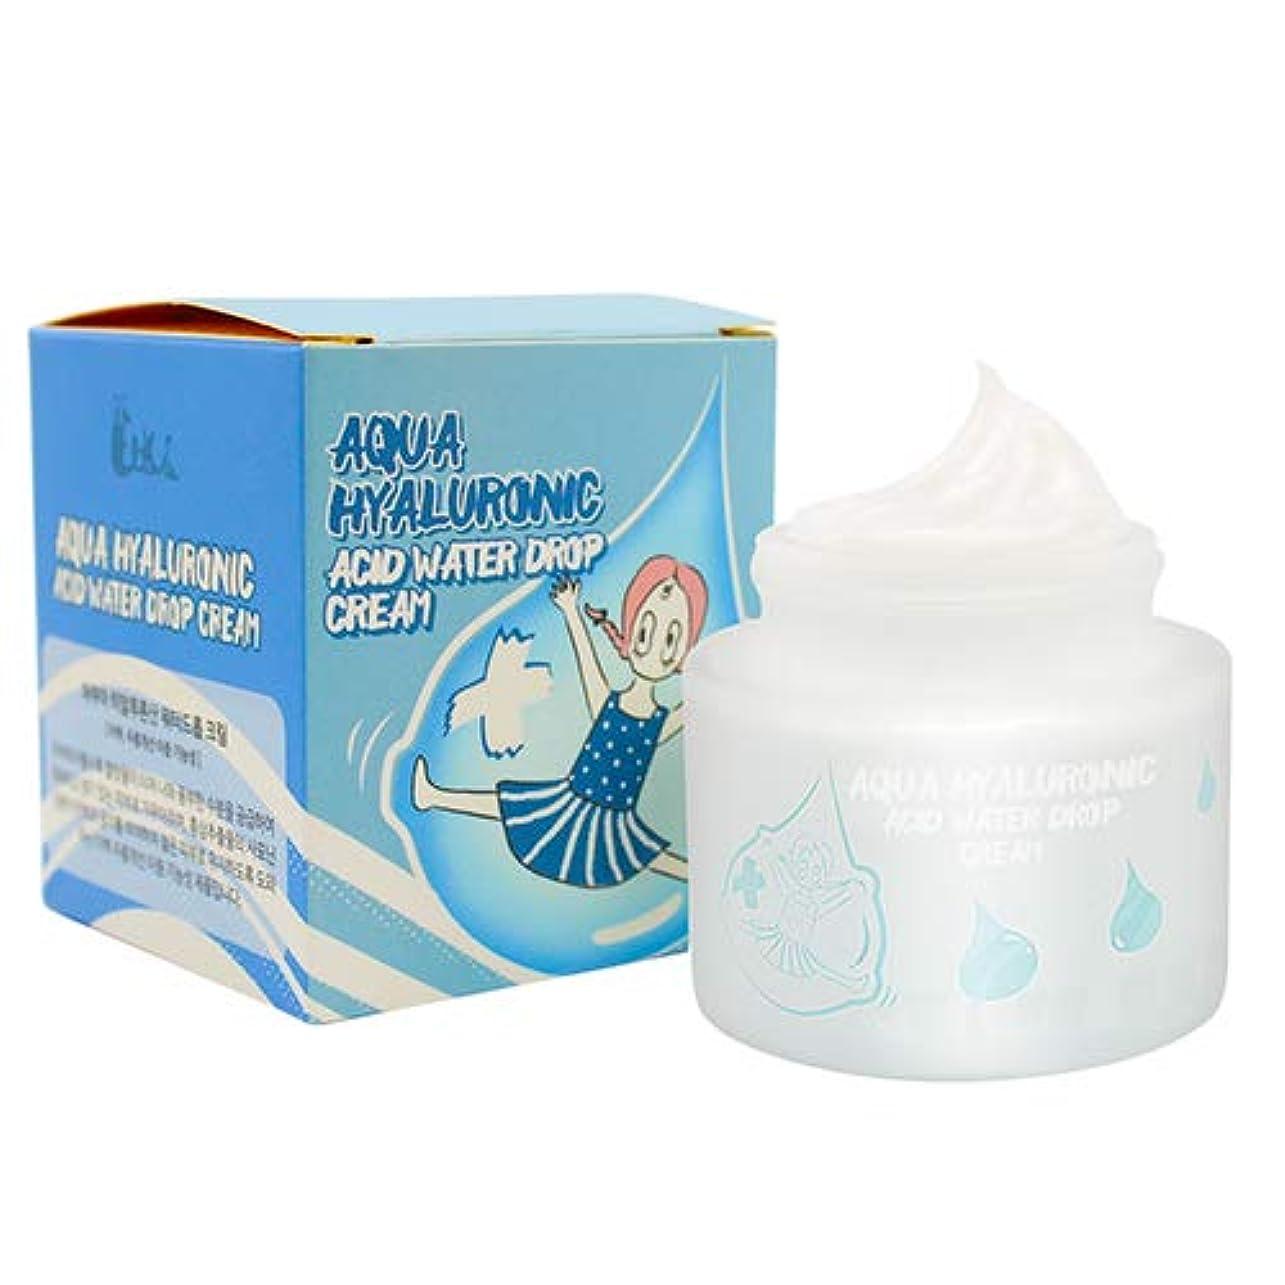 暖かさ支配的工夫するElizavecca アクア ヒアルロン酸 ウォータードロップ クリーム / Aqua Hyaluronic Acid Water Drop Cream (50ml) [並行輸入品]